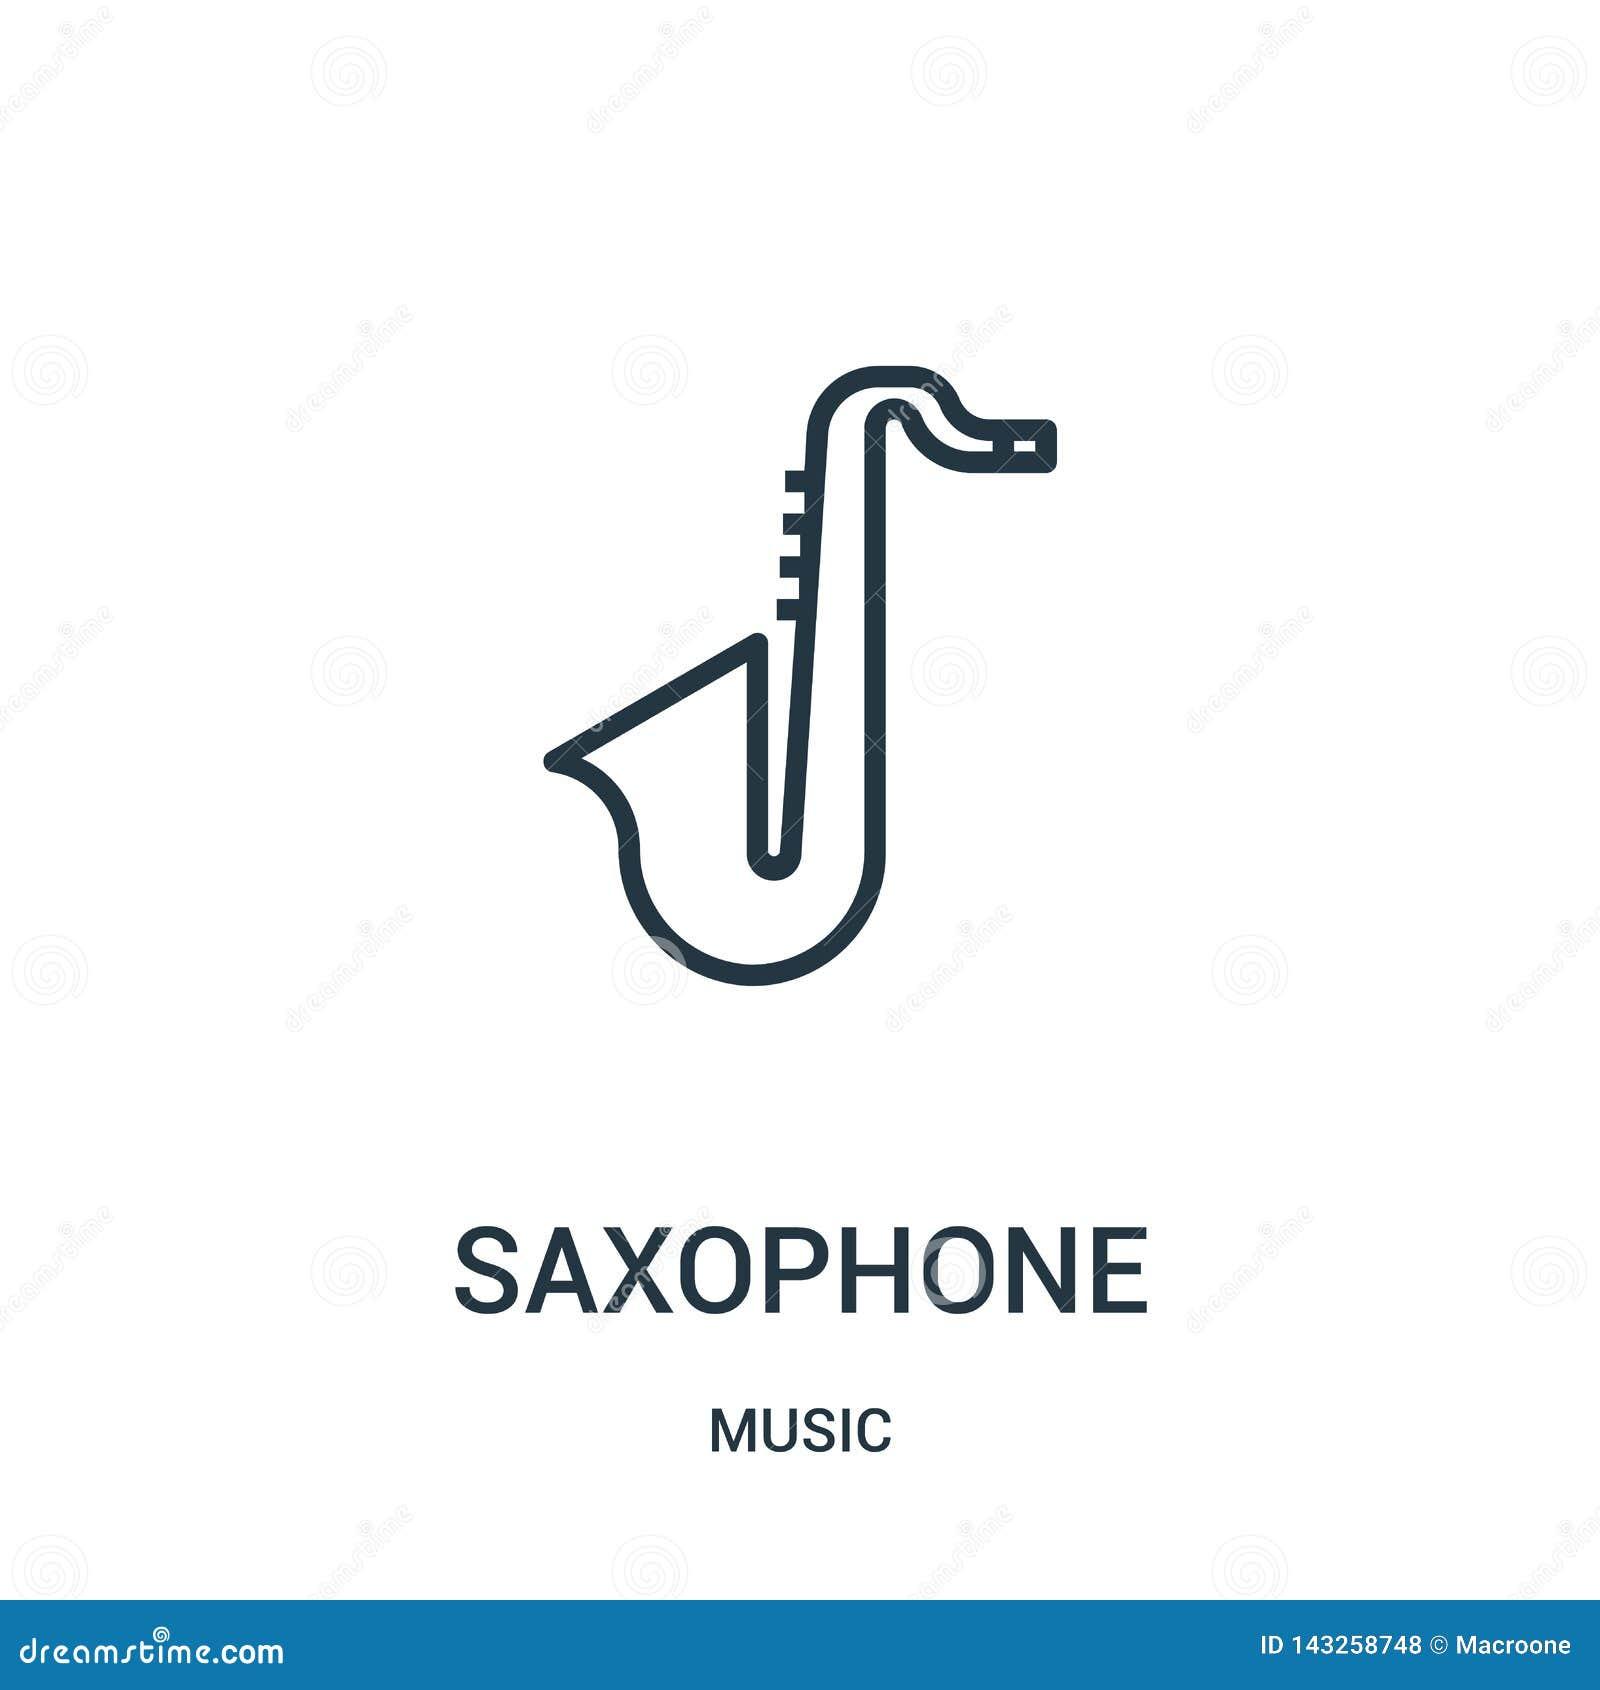 διάνυσμα εικονιδίων saxophone από τη συλλογή μουσικής Λεπτή διανυσματική απεικόνιση εικονιδίων περιλήψεων saxophone γραμμών